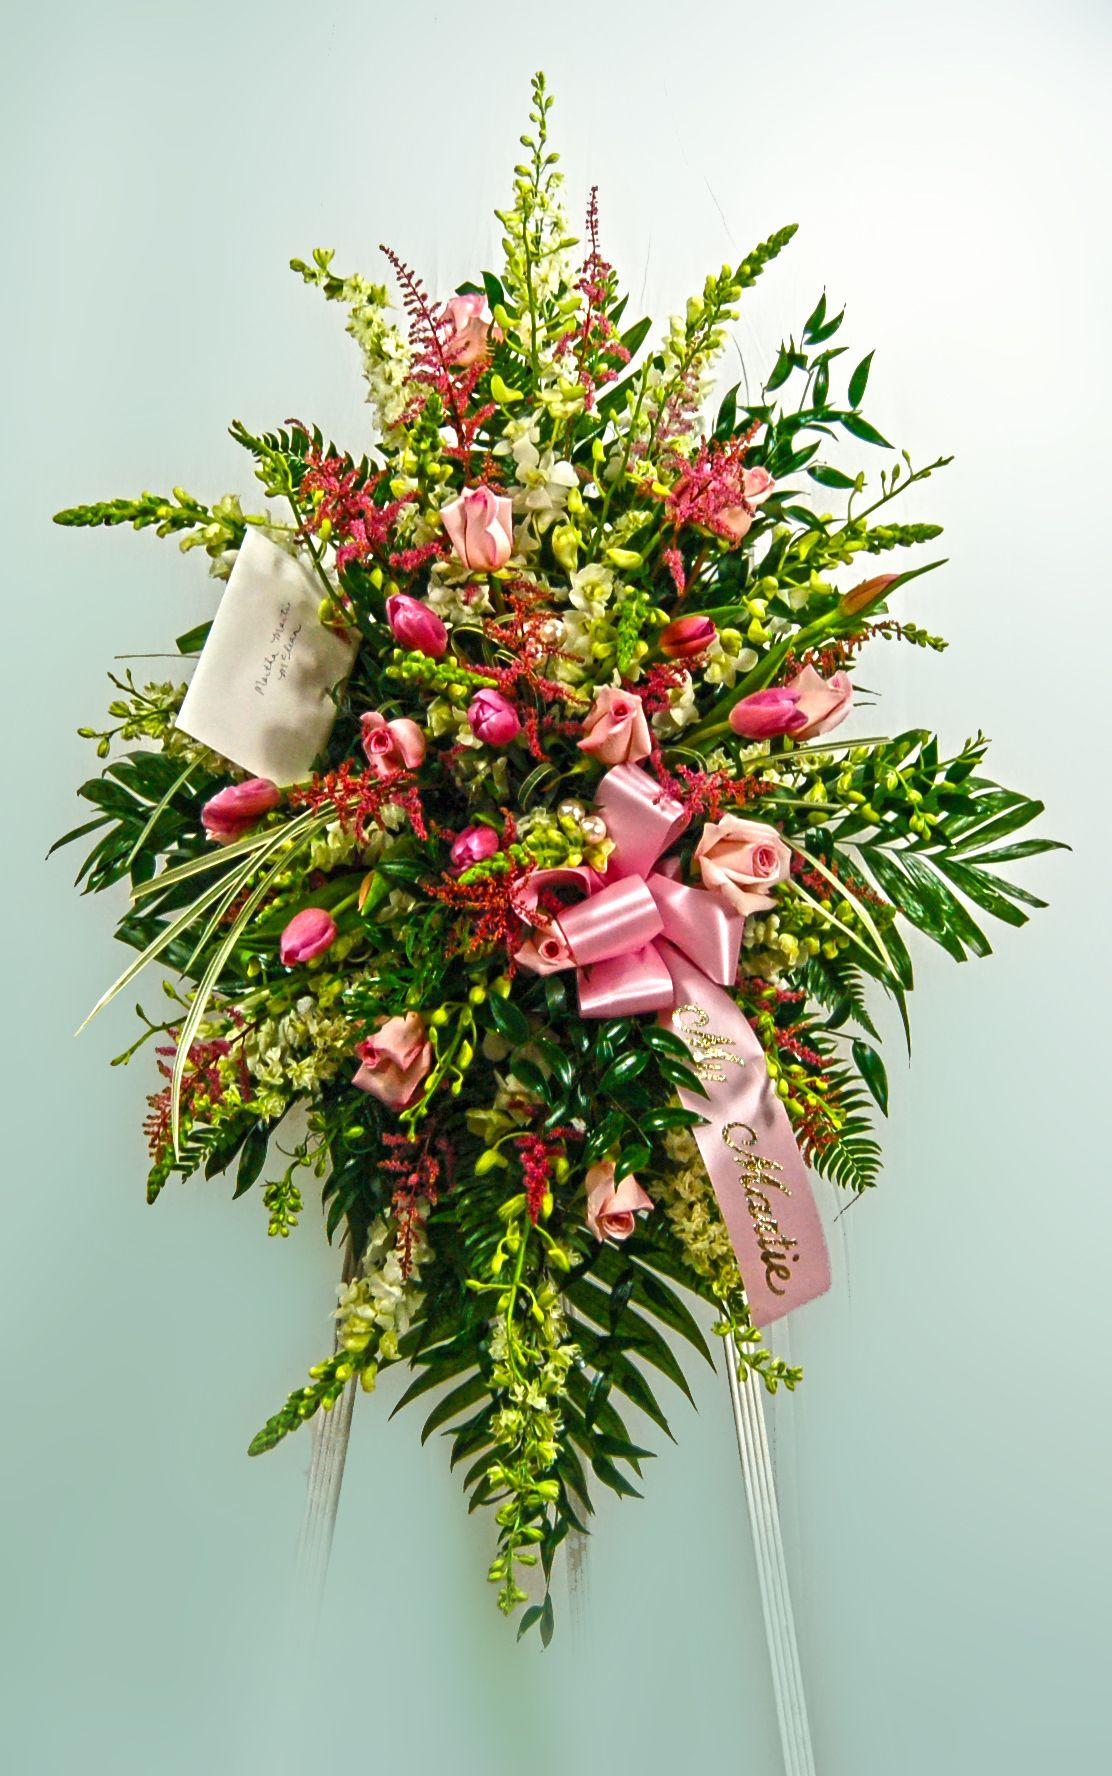 d82aa1f6ae1d1dfc2aeb171dfdba22dd - Royal Palm Memorial Gardens Funeral Home